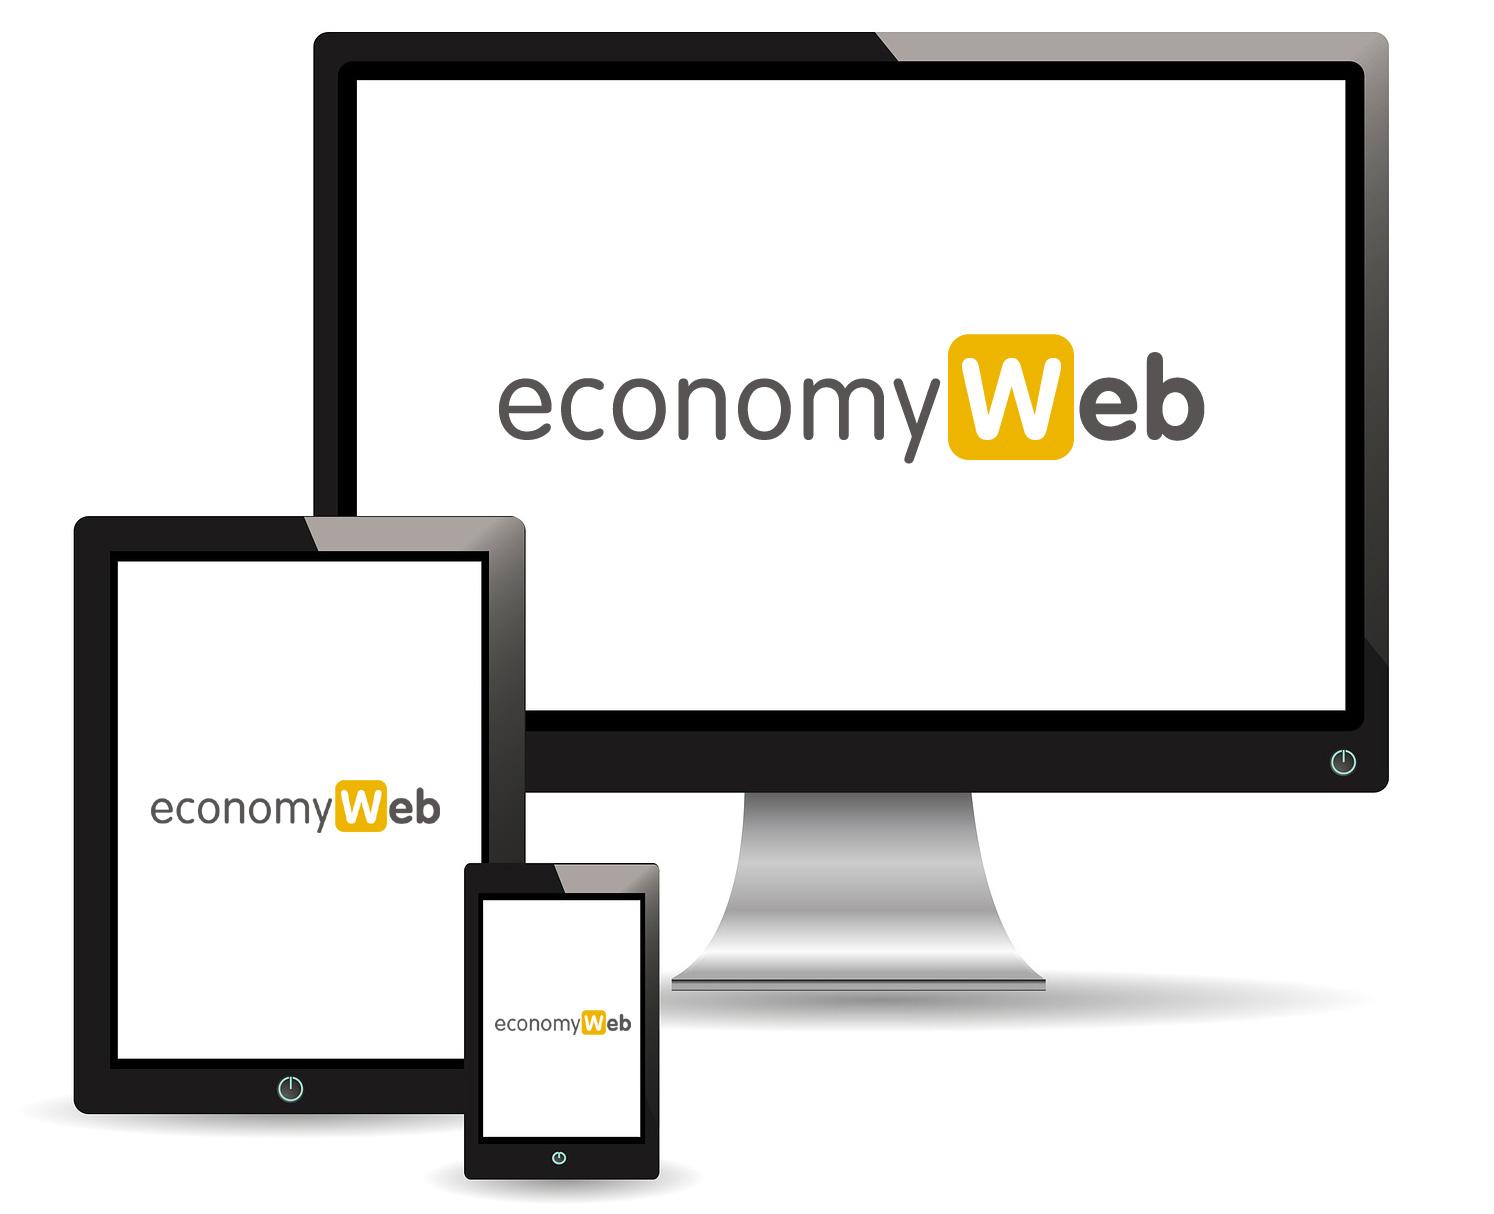 economyweb